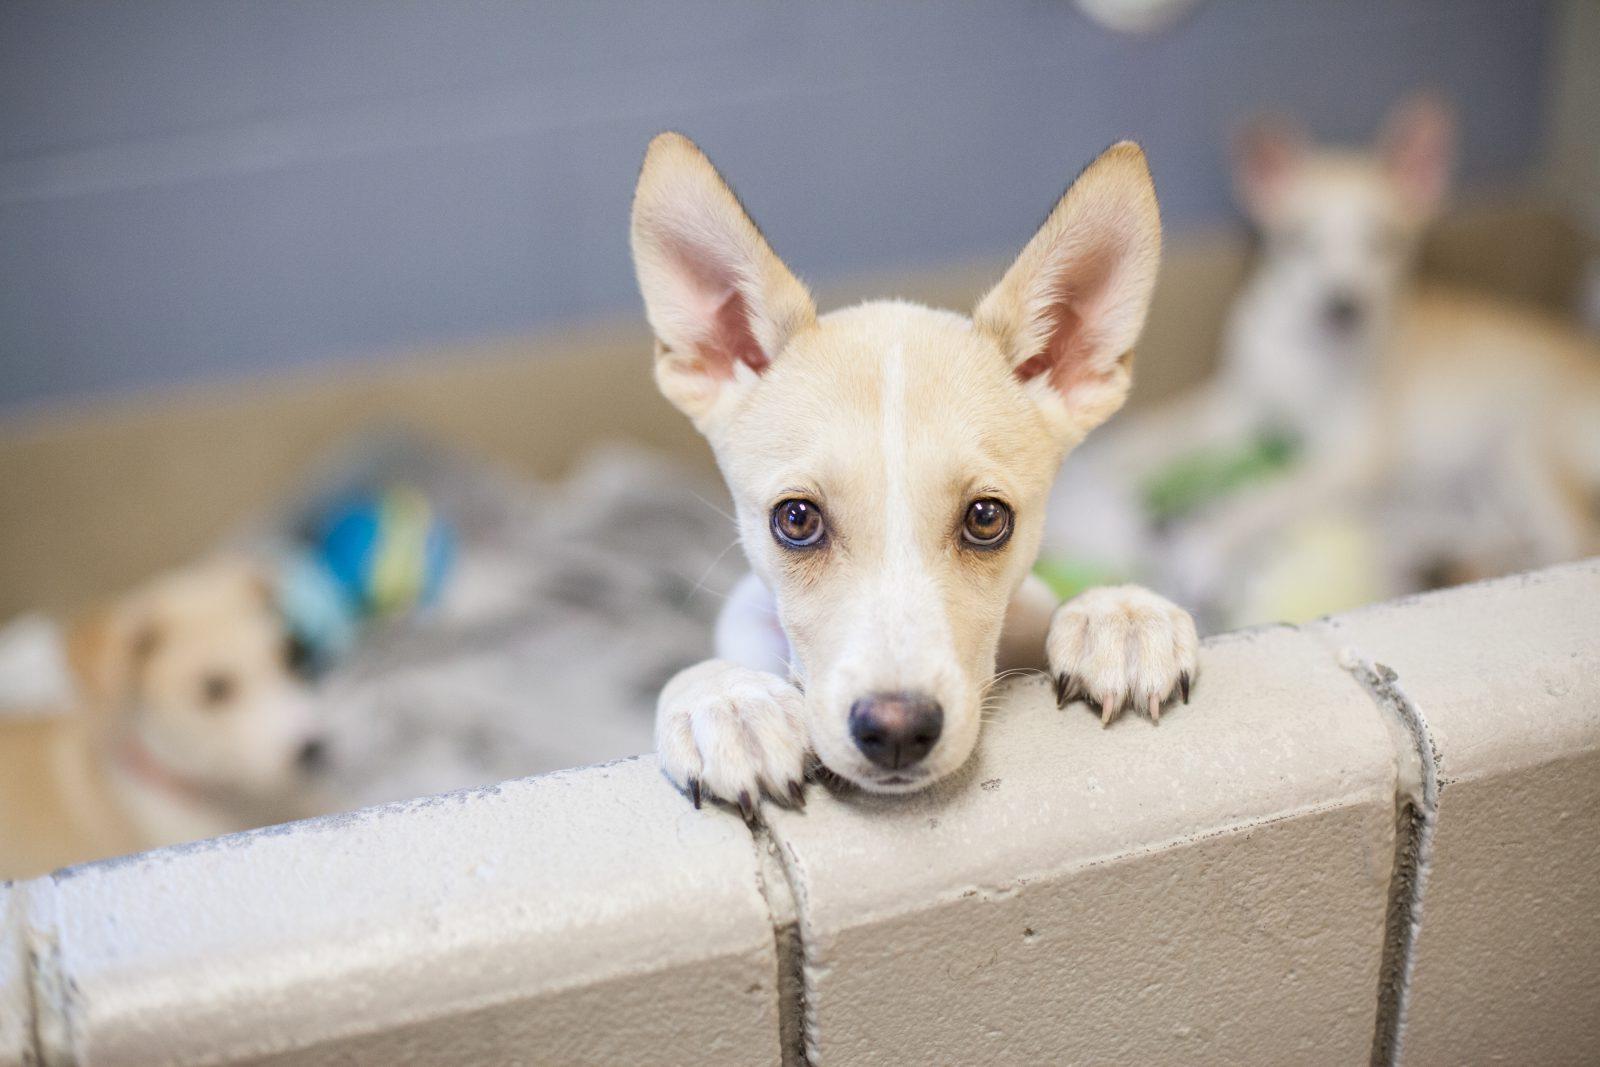 Fotos de cachorro vira lata: cãzinho esperando para ser adotado no abrigo junto a outros cachorros.